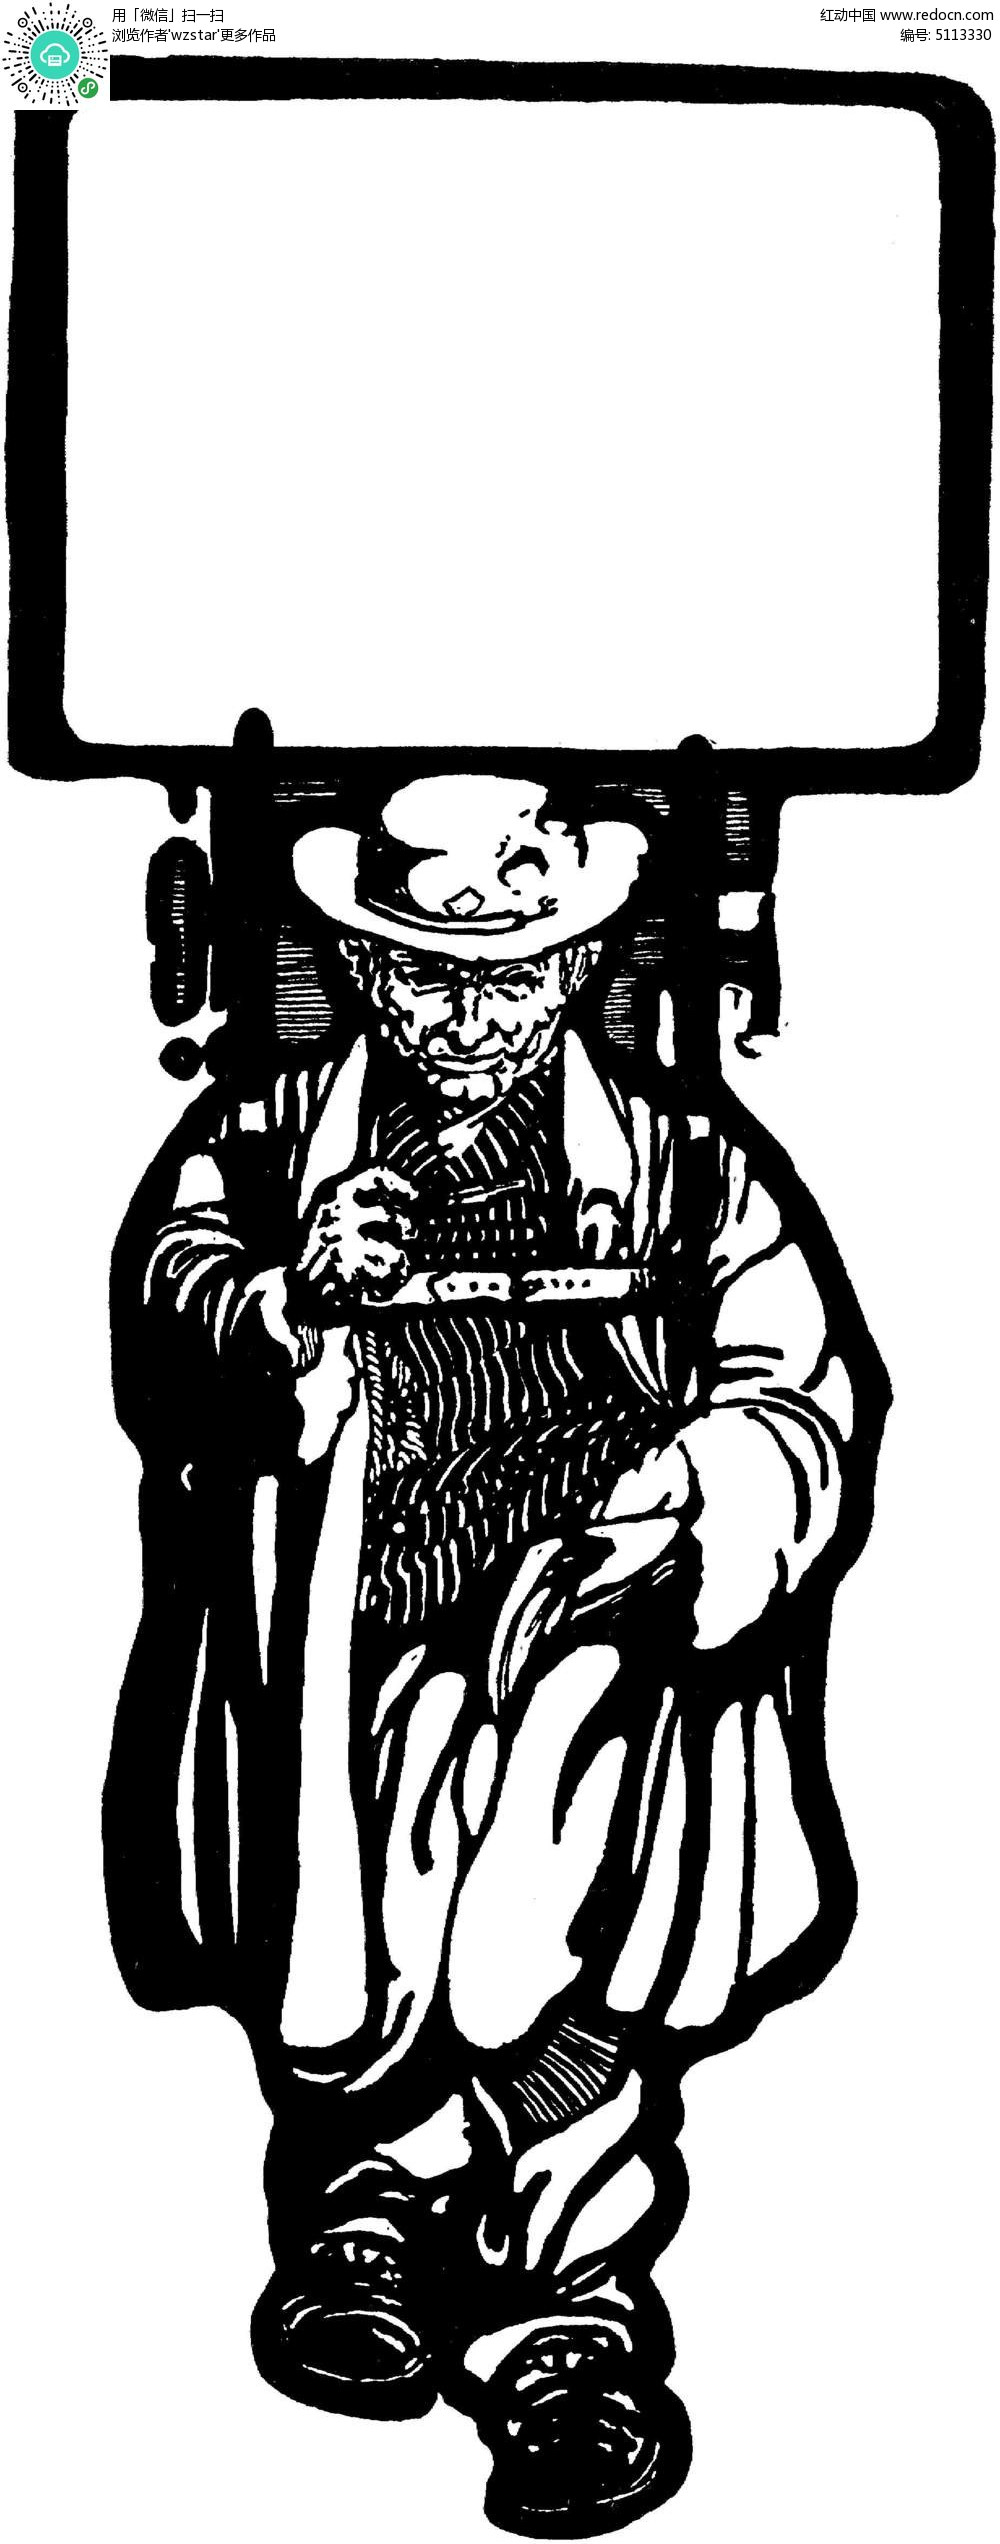 黑白人物插图 方框留白插图花纹